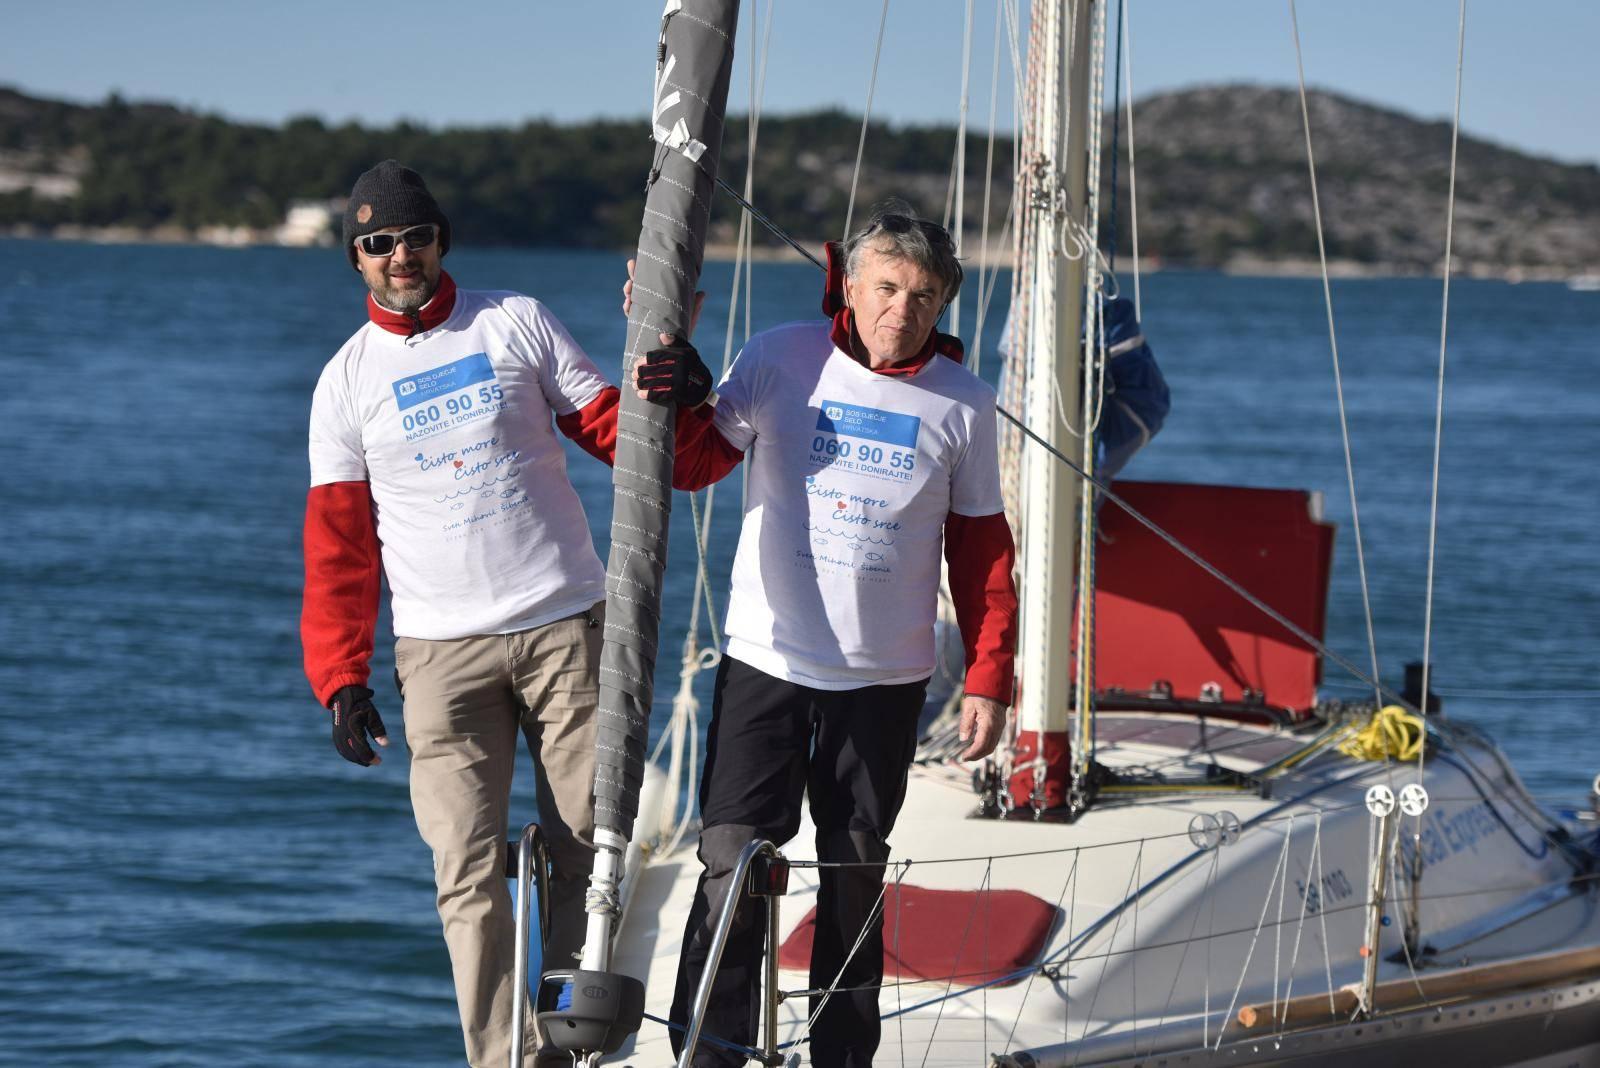 Šibenski liječnik Dražen Grgić s jedriličarom Branimirom Vlajom krenuo jedrilicom na put do Brazila